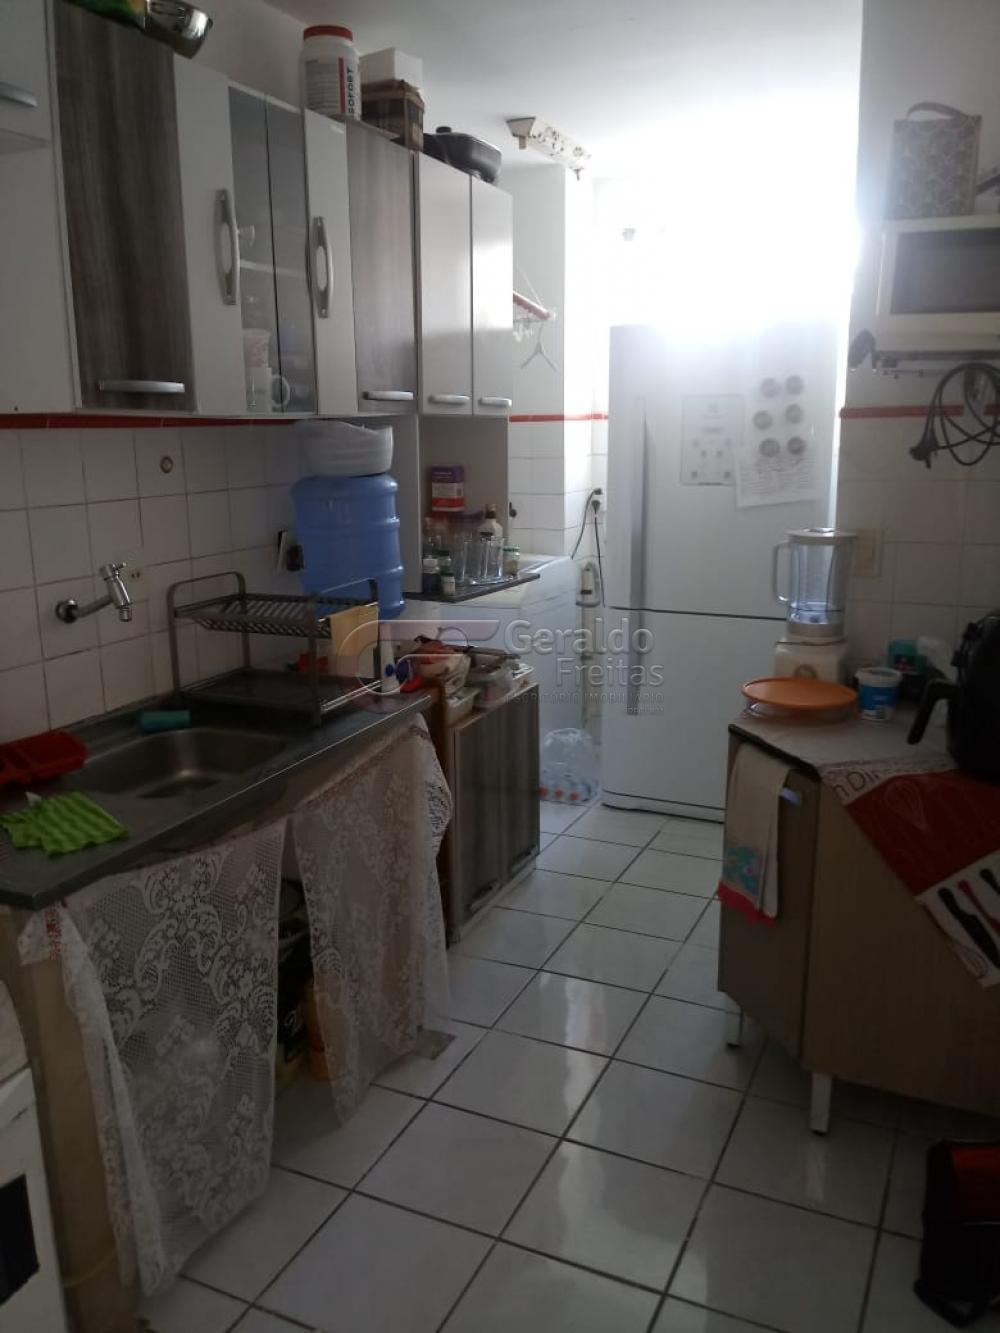 Comprar Apartamentos / Padrão em Maceió apenas R$ 150.000,00 - Foto 11